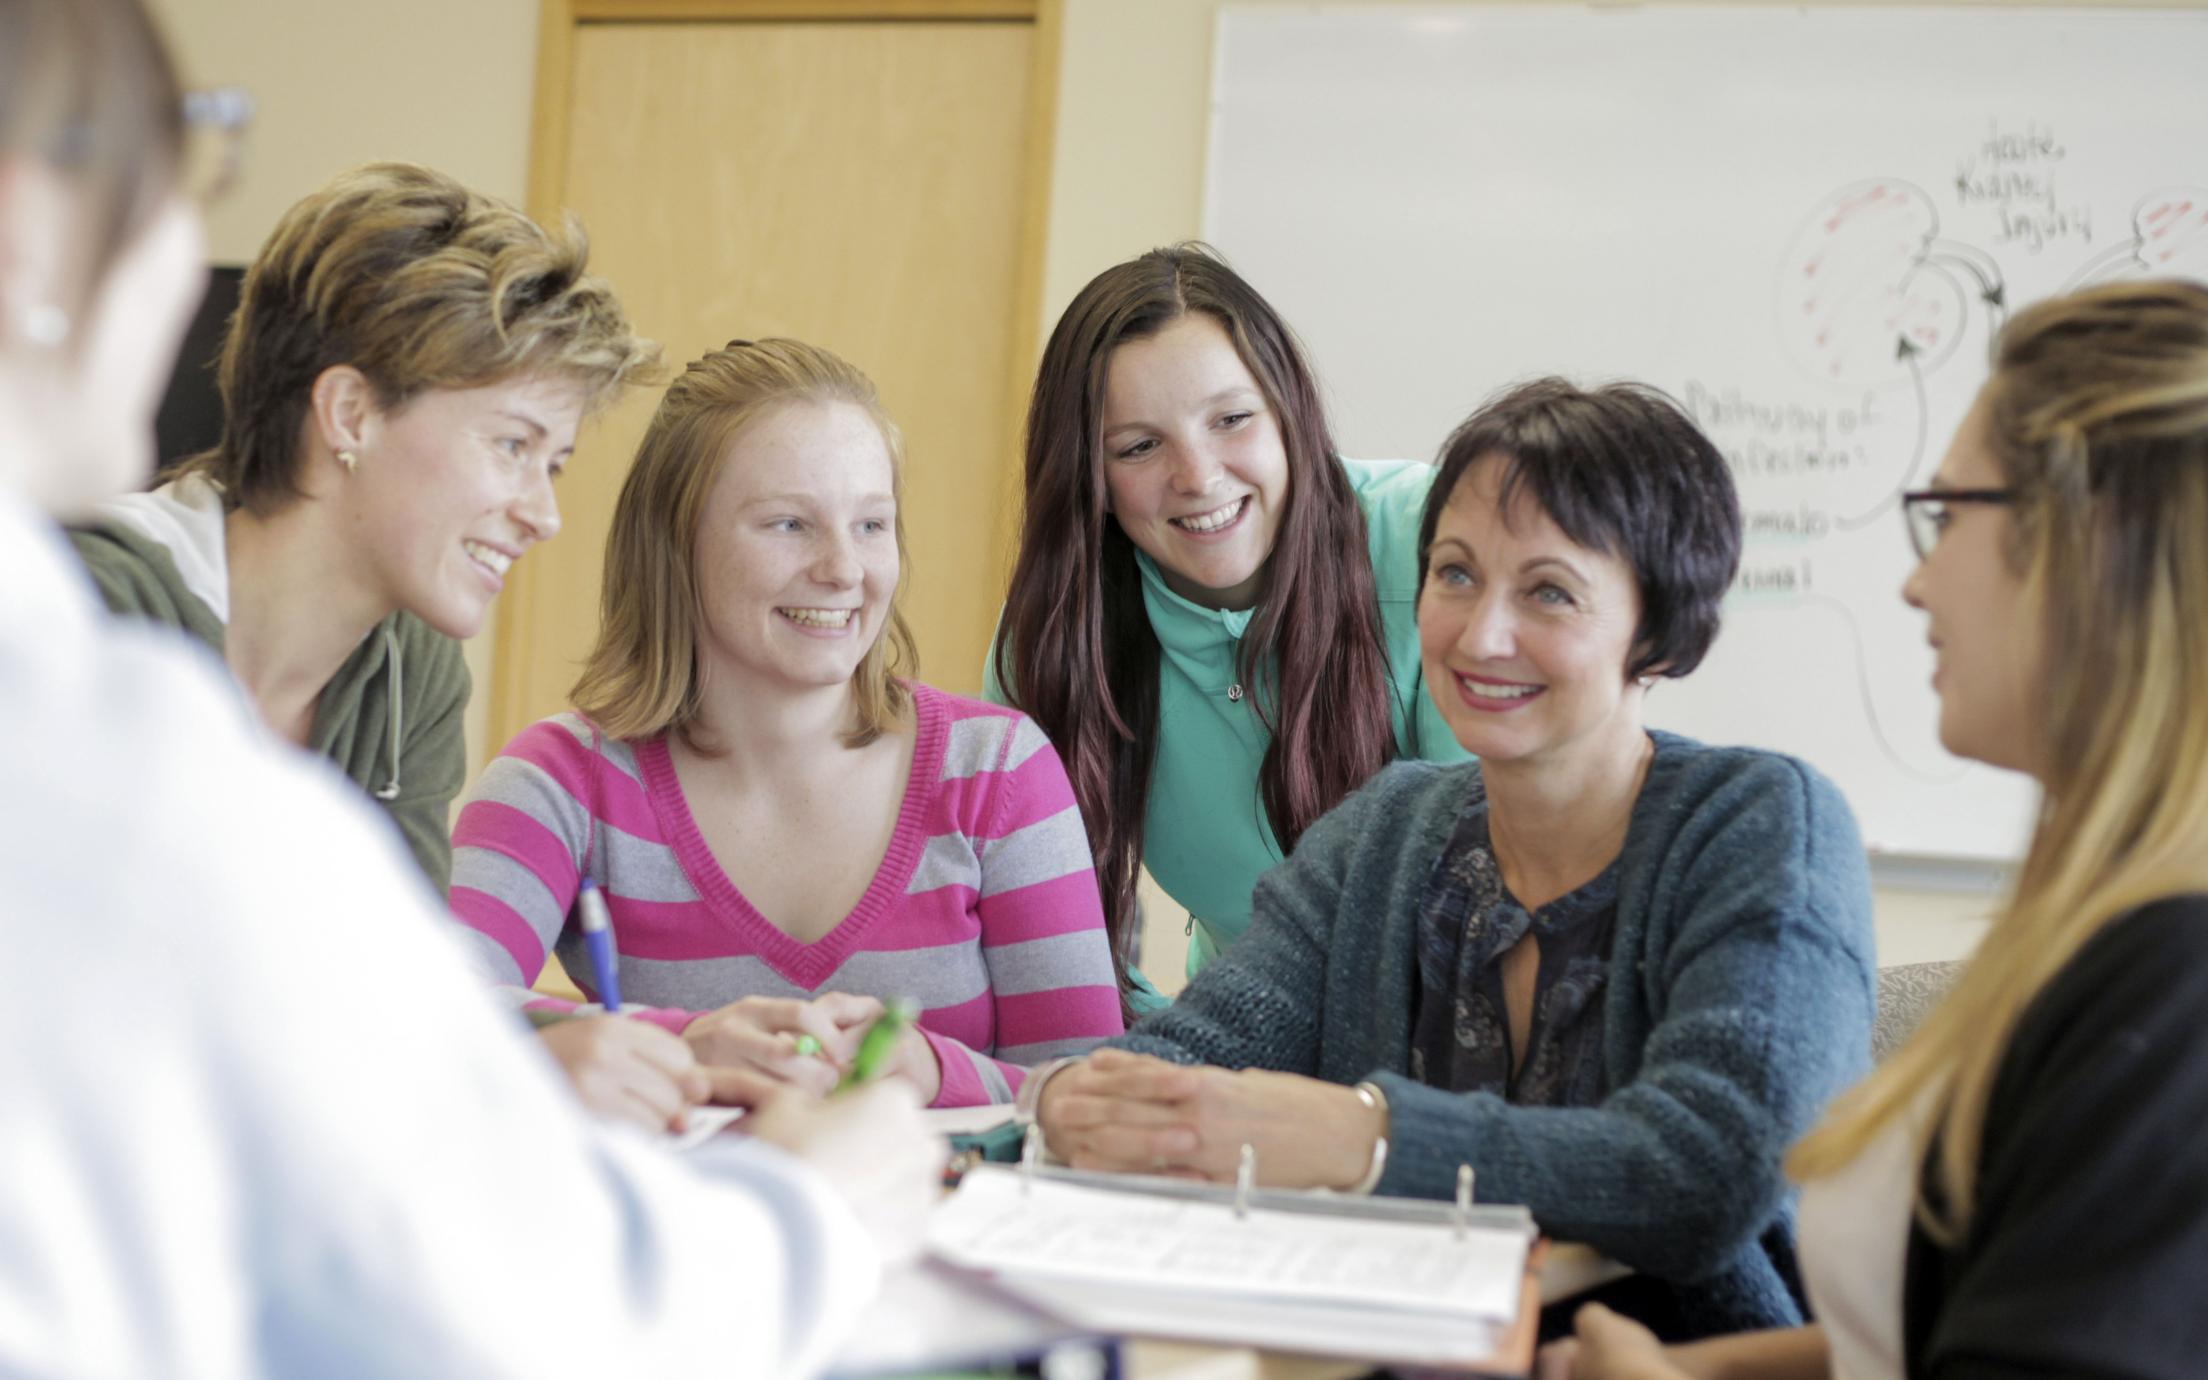 Mature student qualifications